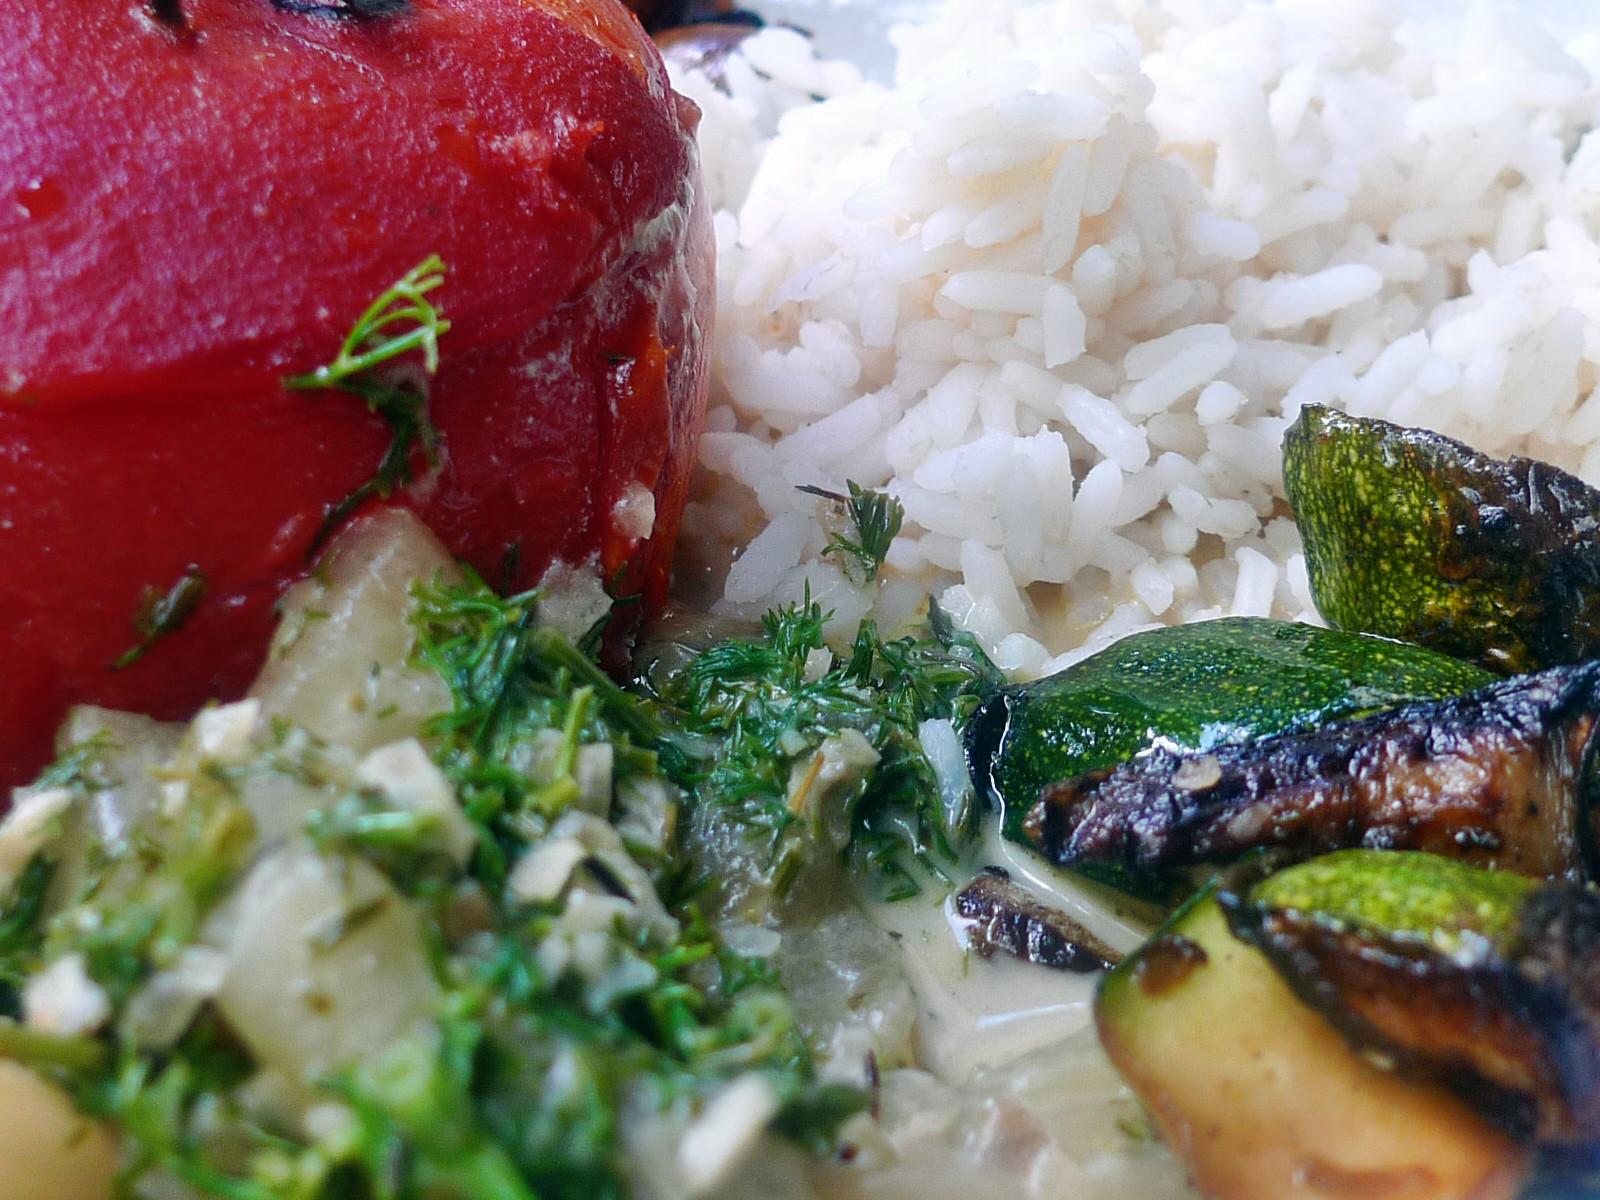 Gefüllte Tomaten,Gurkengemüse,Champignon,Zucchini,Reis-24.7.14   (15)